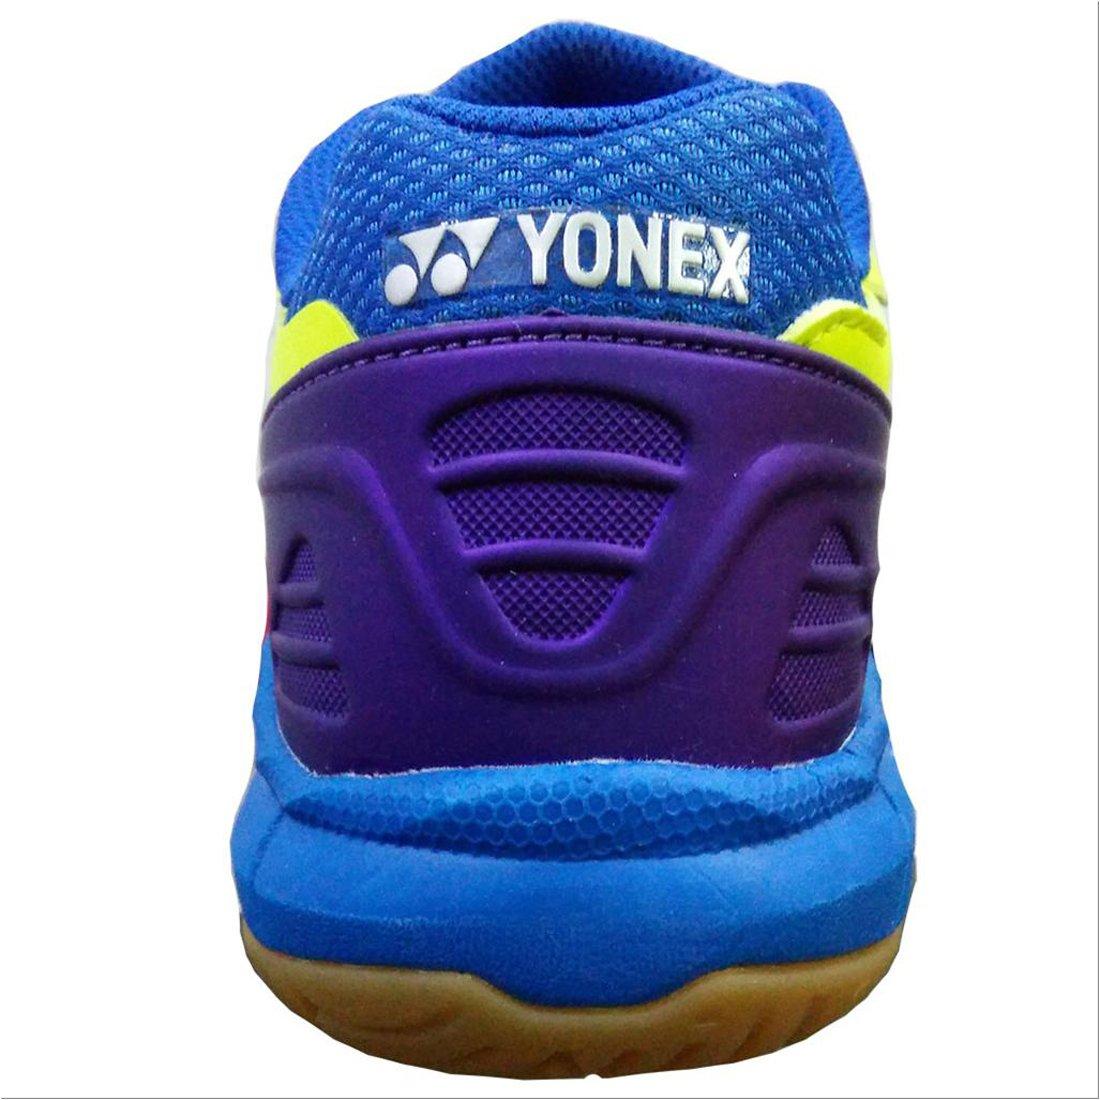 Yonex Yonex Yonex Court Ace Tough Gumsloe Badminton-Sportschuhe, Limettengrün Blau   lilat 24d334